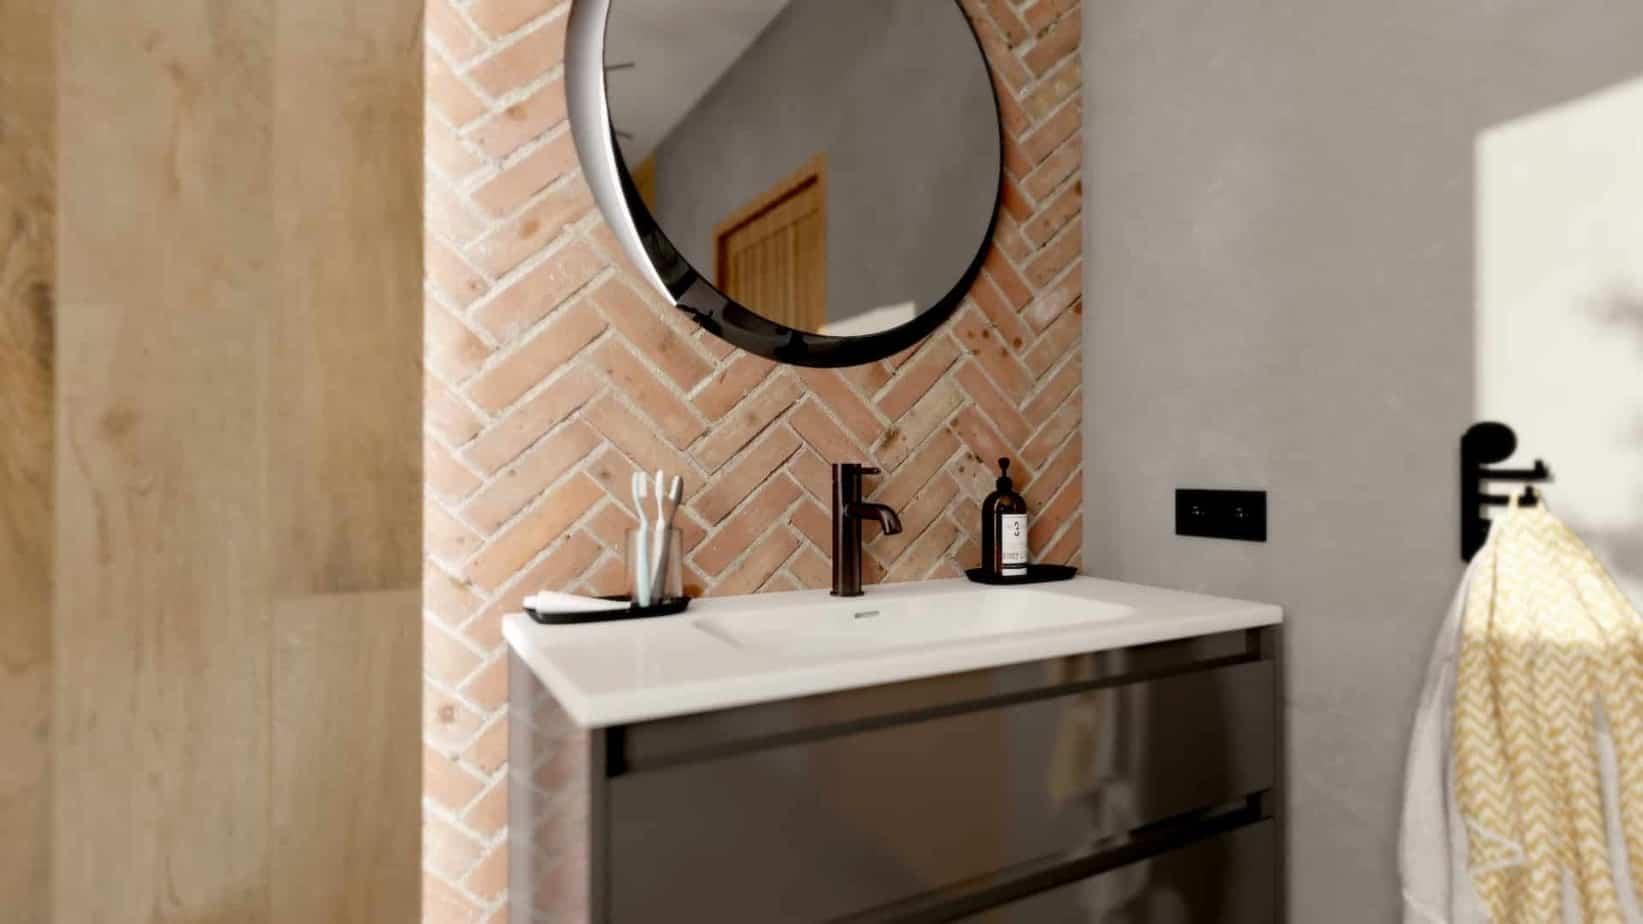 łazienka w stylu loft | Projekt Duszyńska Design